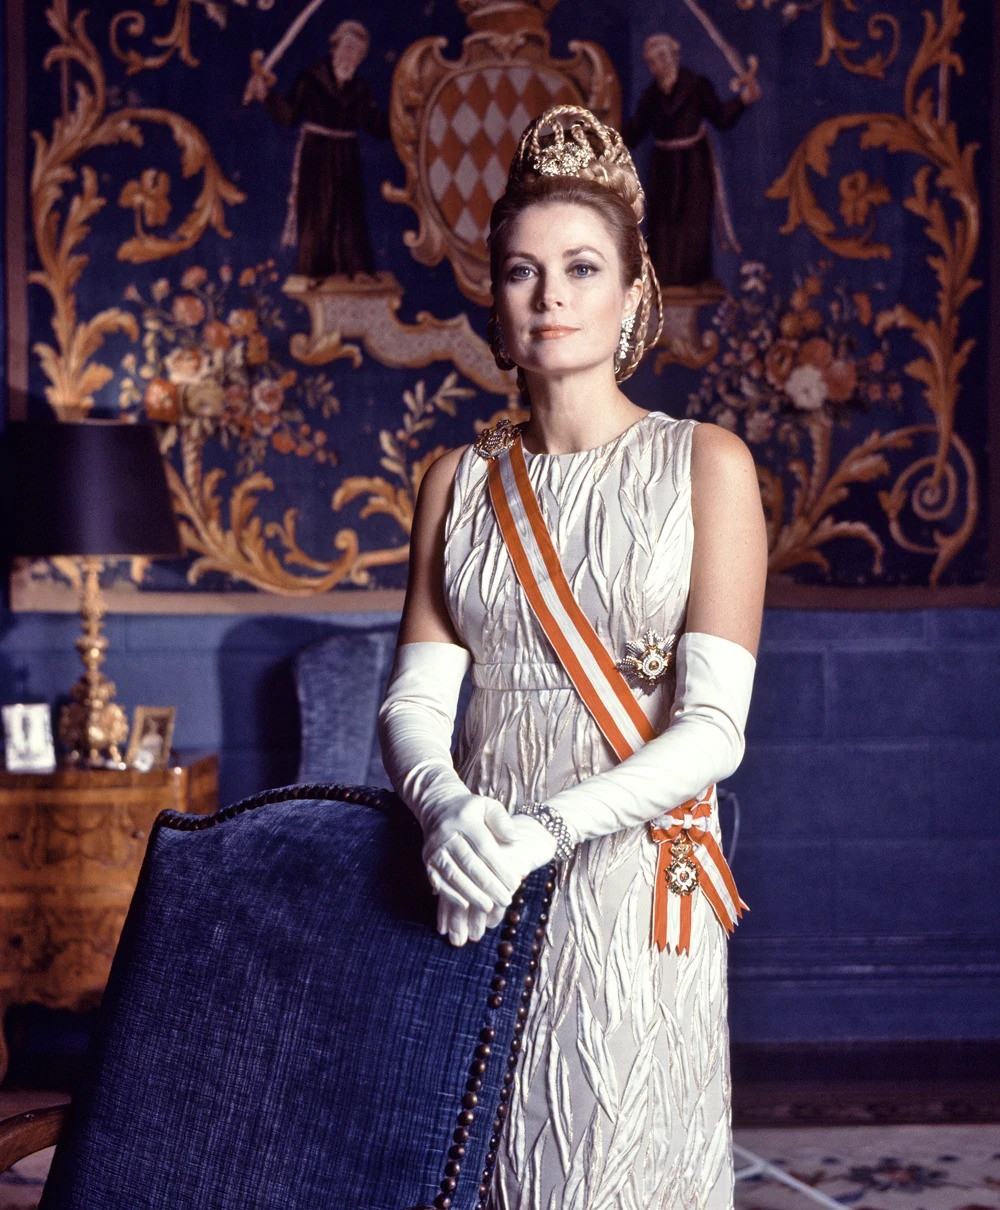 Đâu chỉ có Meghan Markle, lịch sử thế giới còn lưu danh rất nhiều nàng dâu, chàng rể ngoại quốc kết hôn với thành viên Hoàng gia - Ảnh 3.